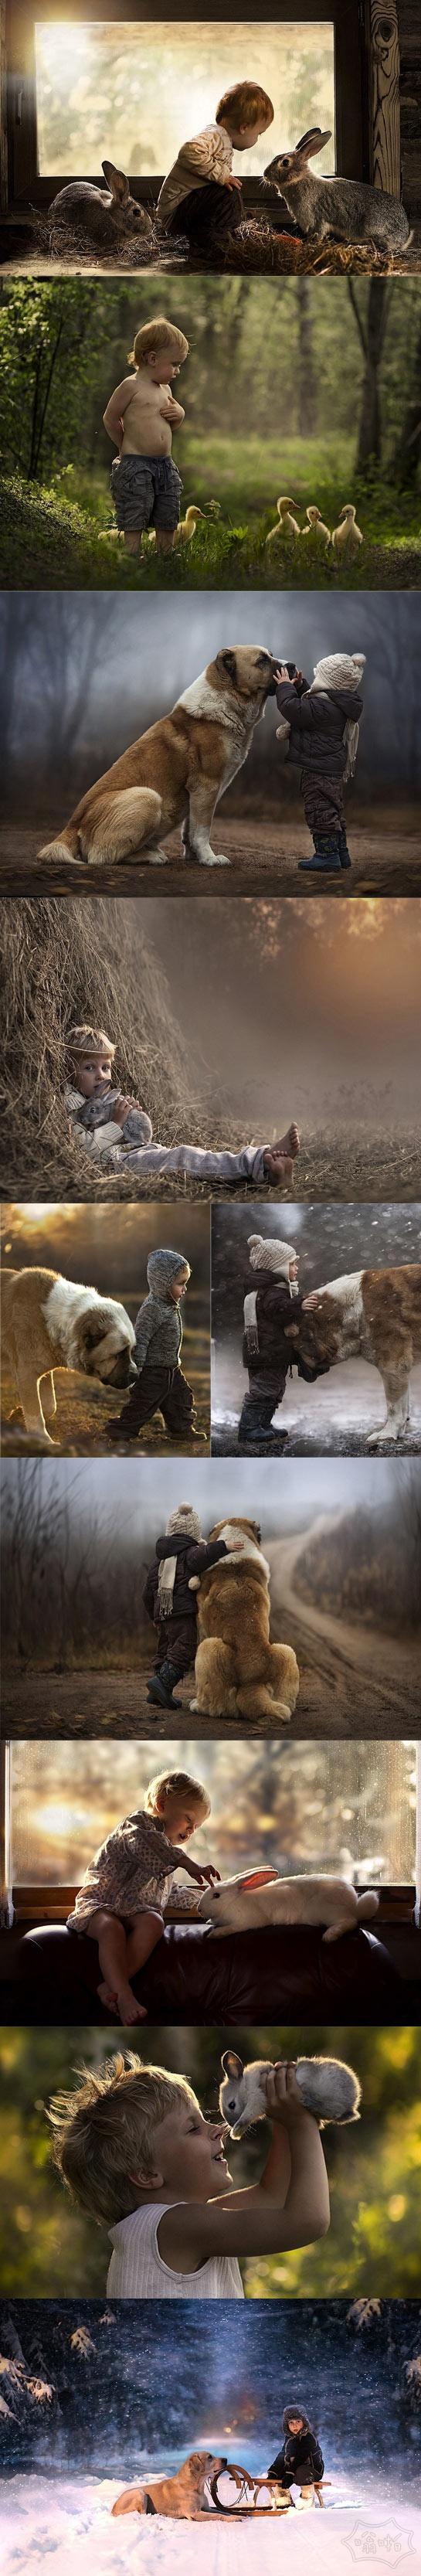 俄罗斯妈妈收到第一个专业相机后捕捉到了她儿子与狗、鸭子、兔子的温情时刻。